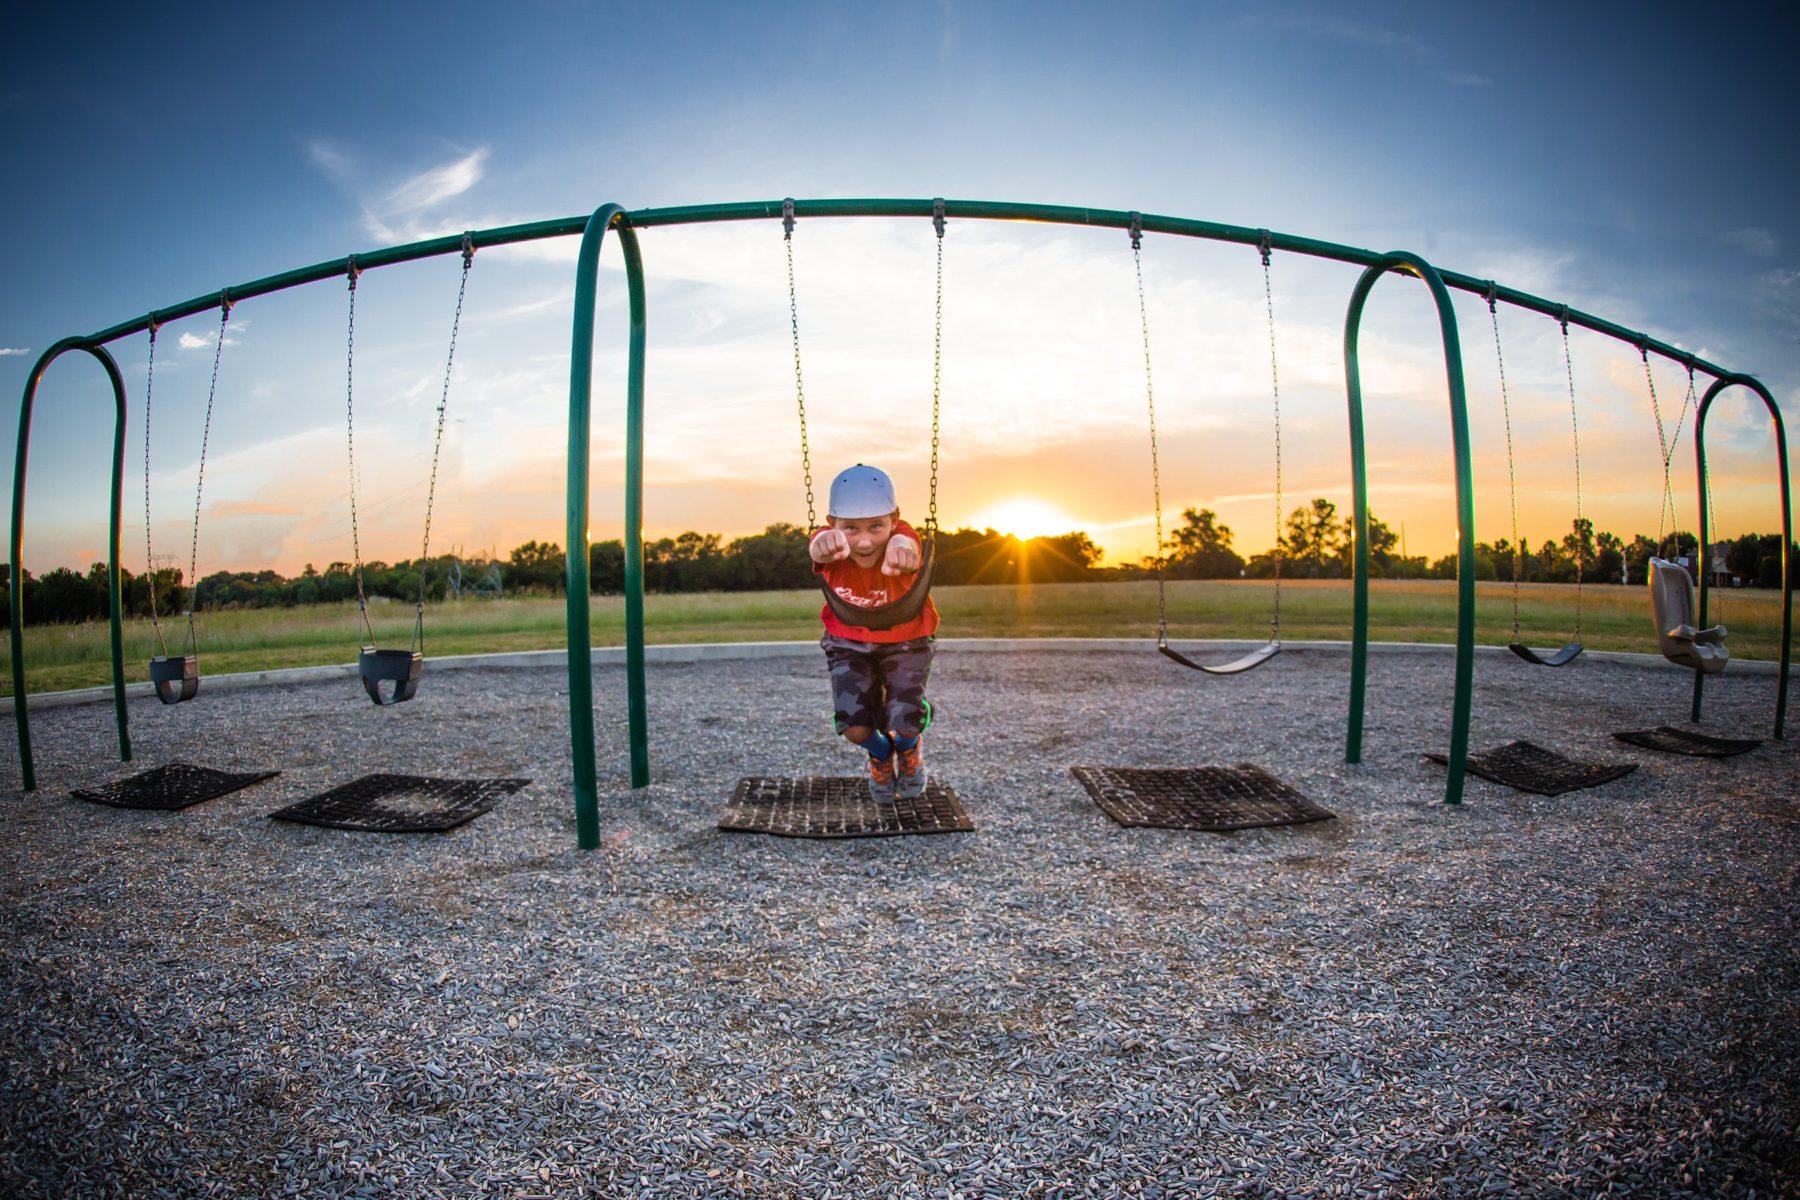 nine year old boy on swing